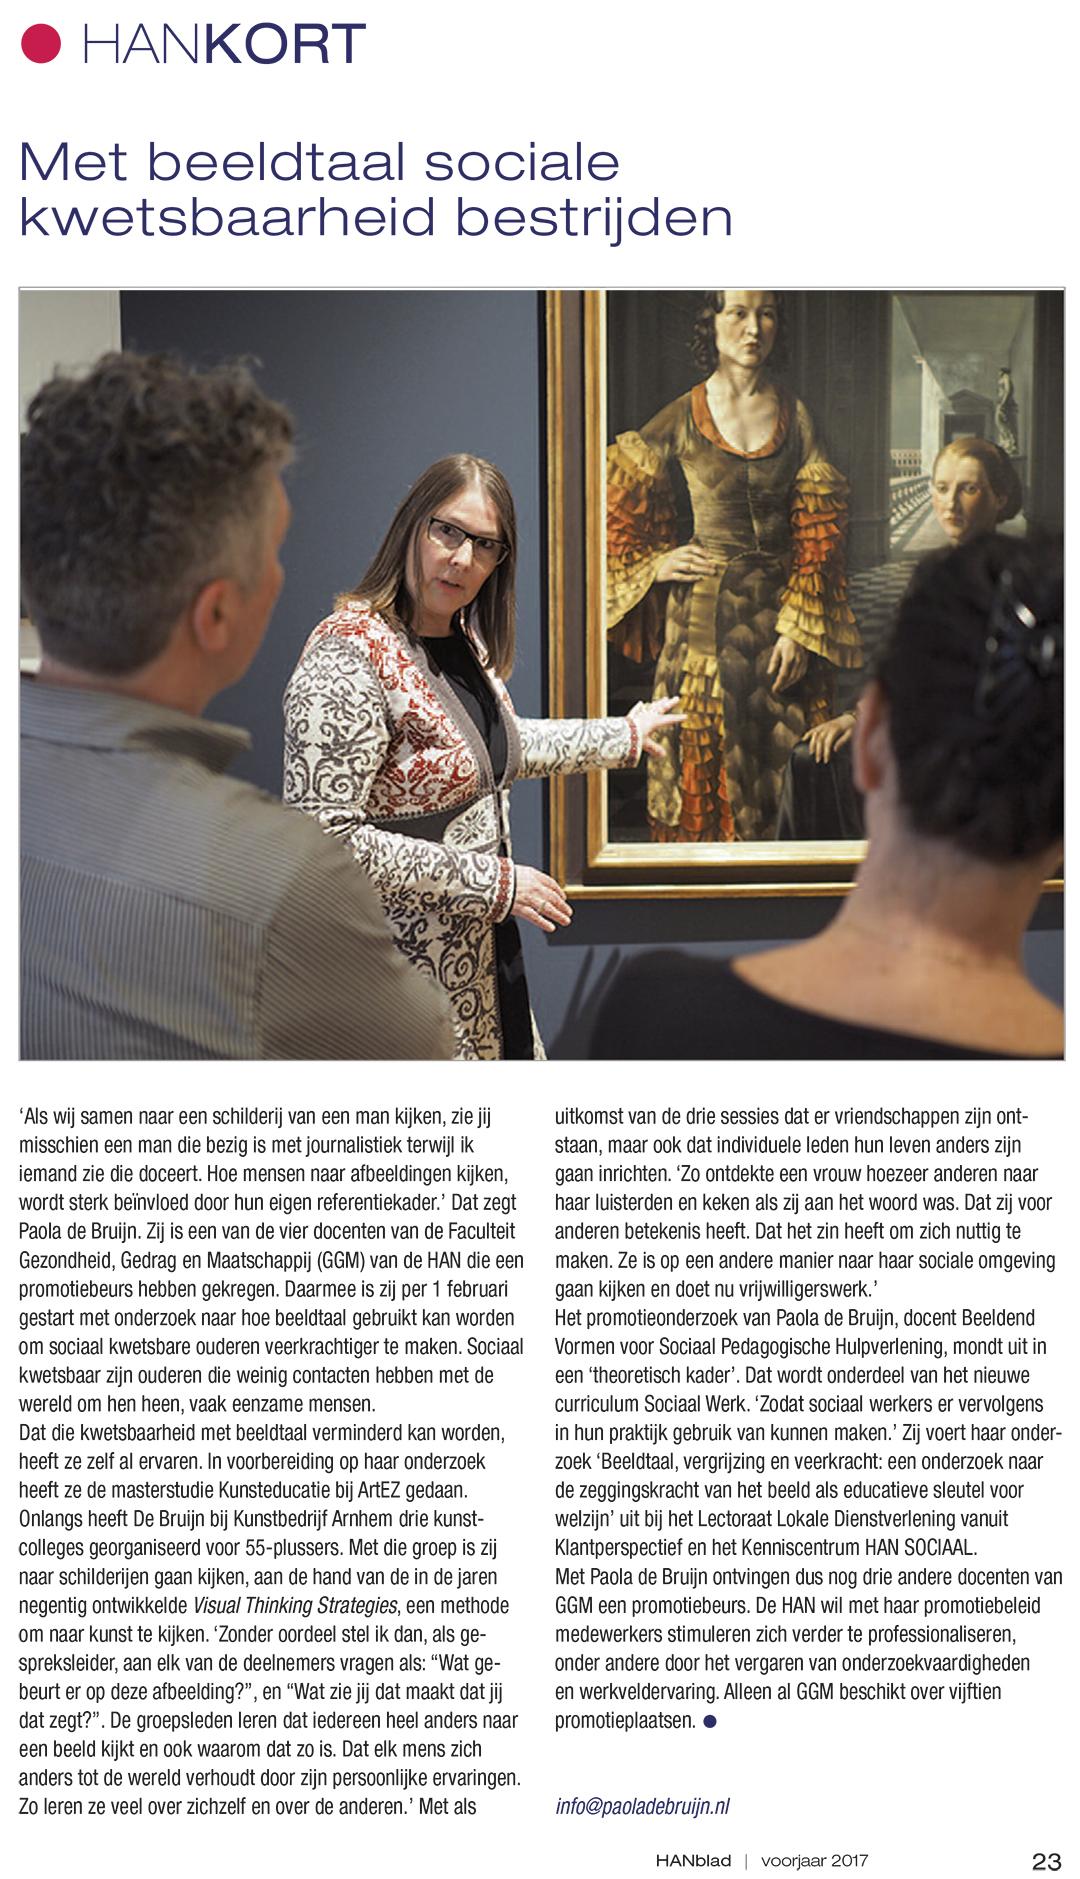 Promotie voor mijn promotieonderzoek || Met deze publicatie in HANblad, een platform voor de hogeschool en haar omgeving, is het verwerven van de promotiebeurs voor leraren publiek gemaakt!